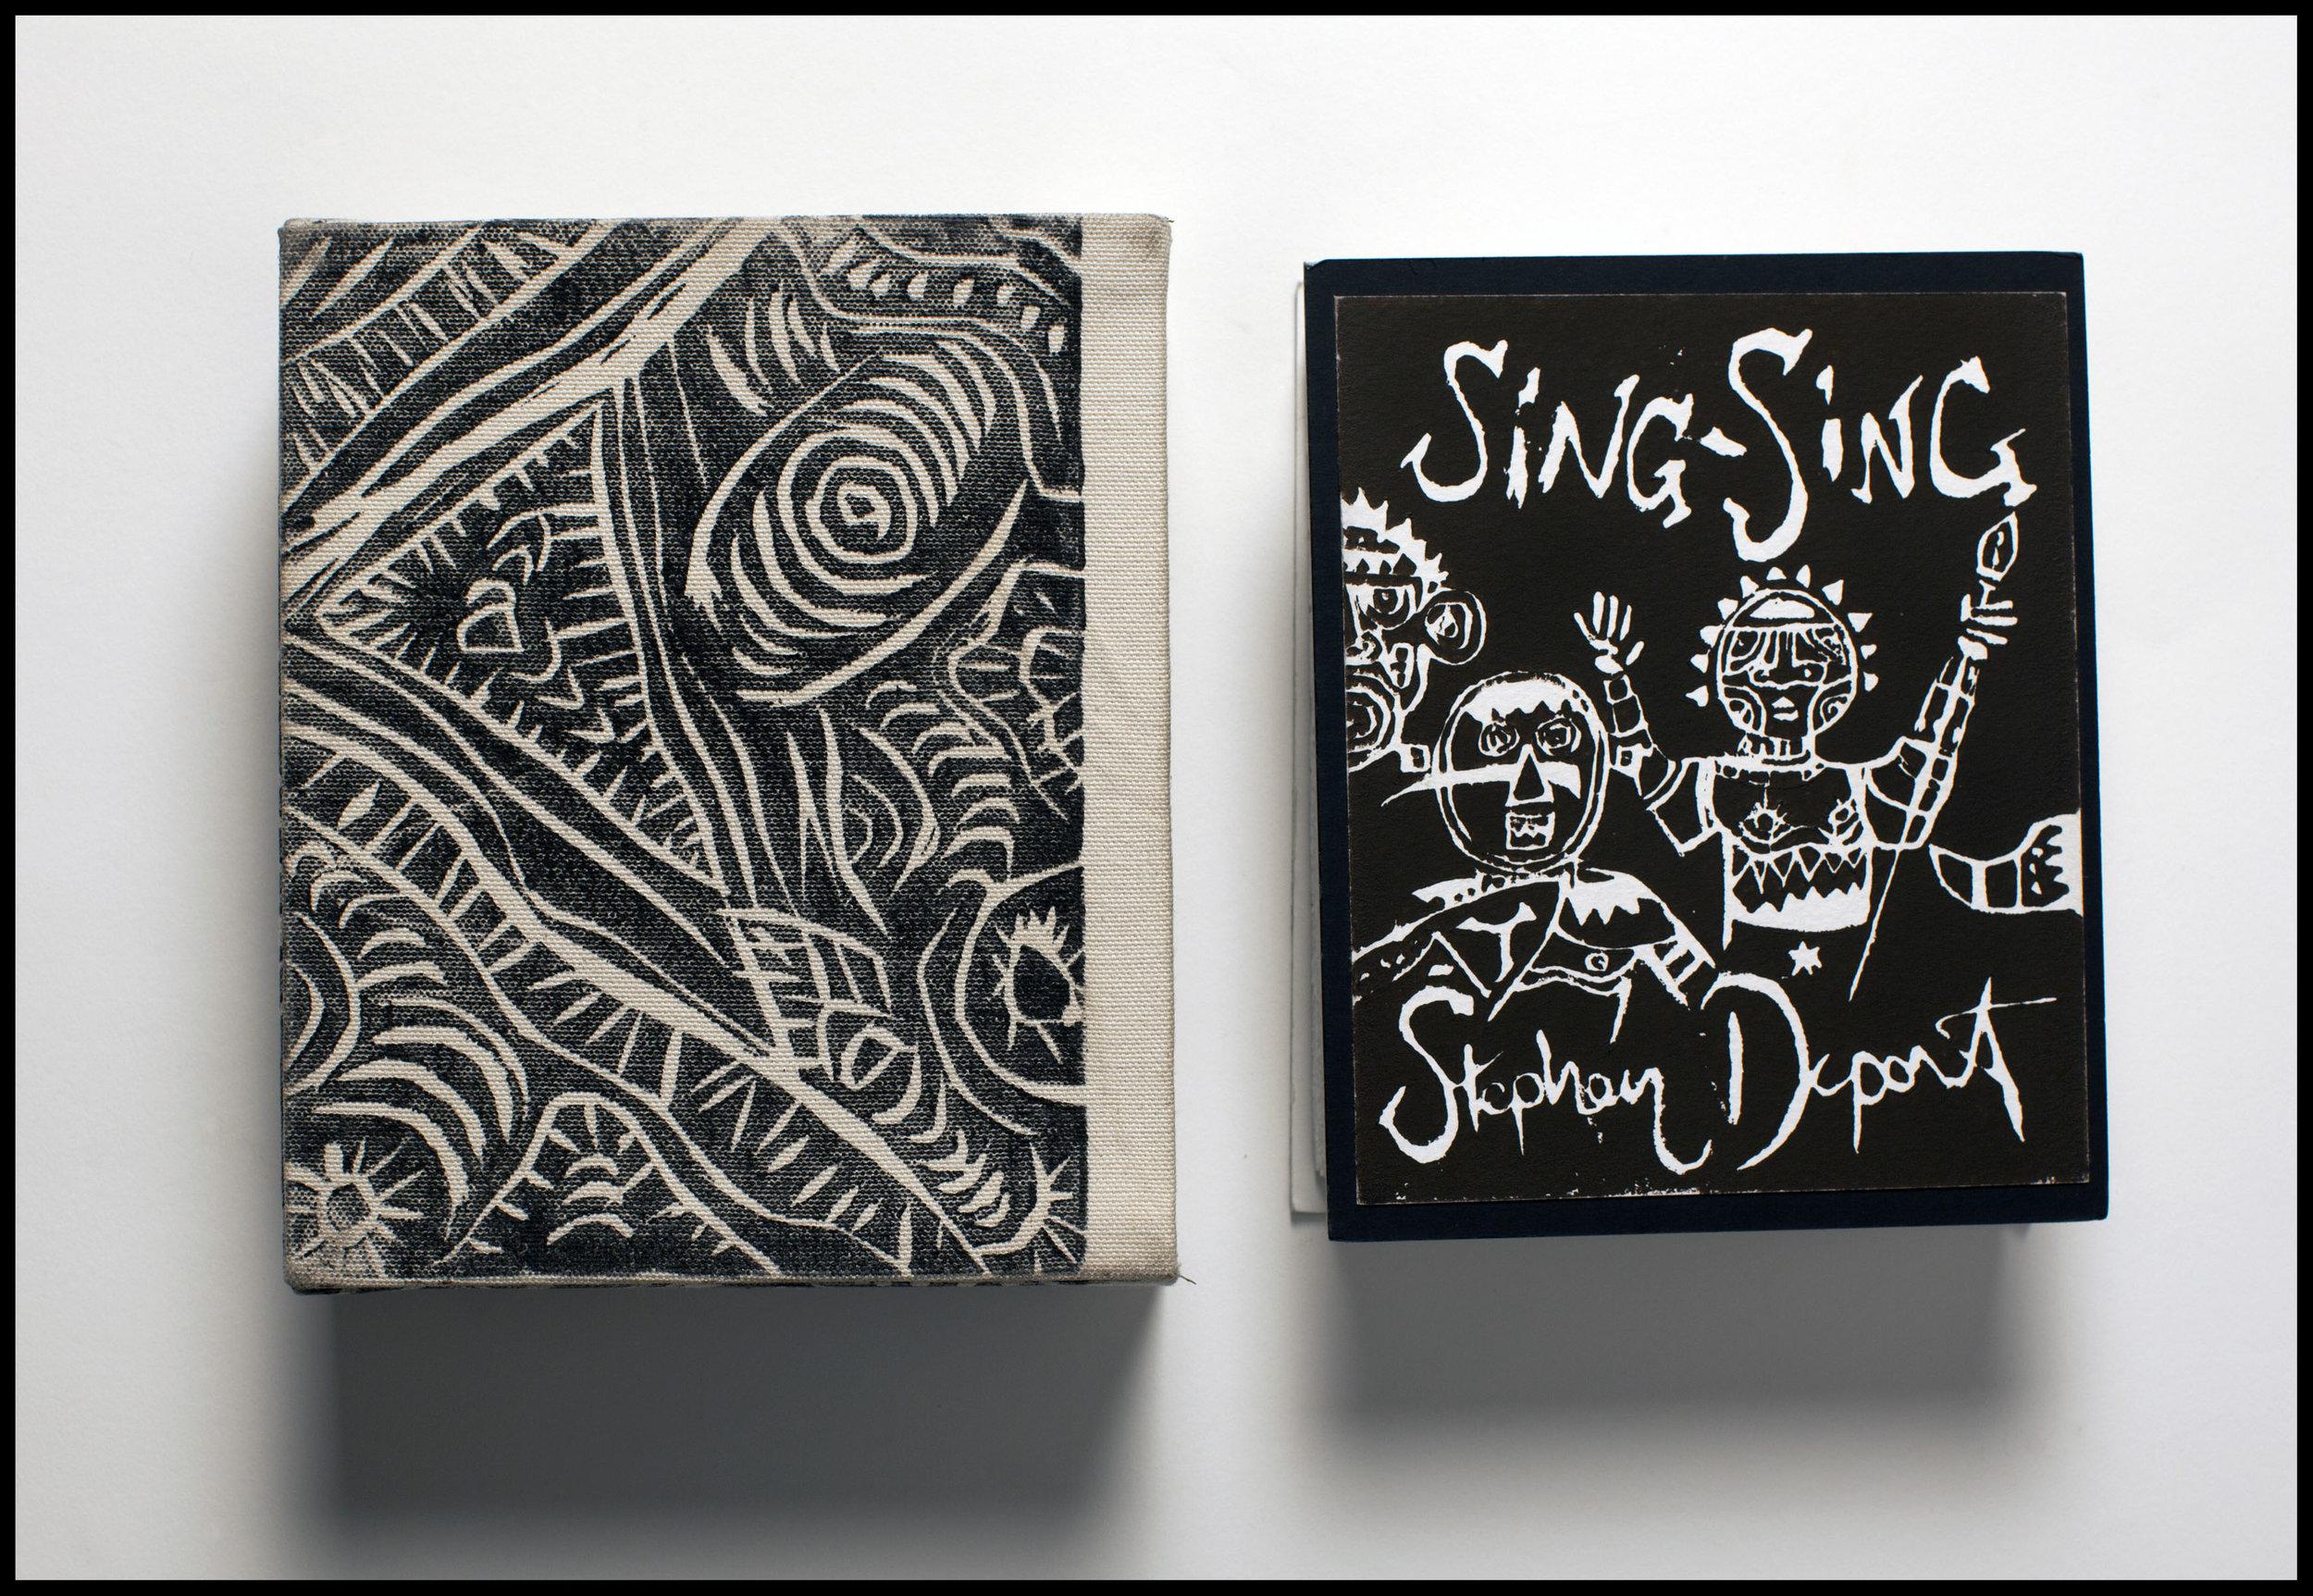 Sing Sing 2004